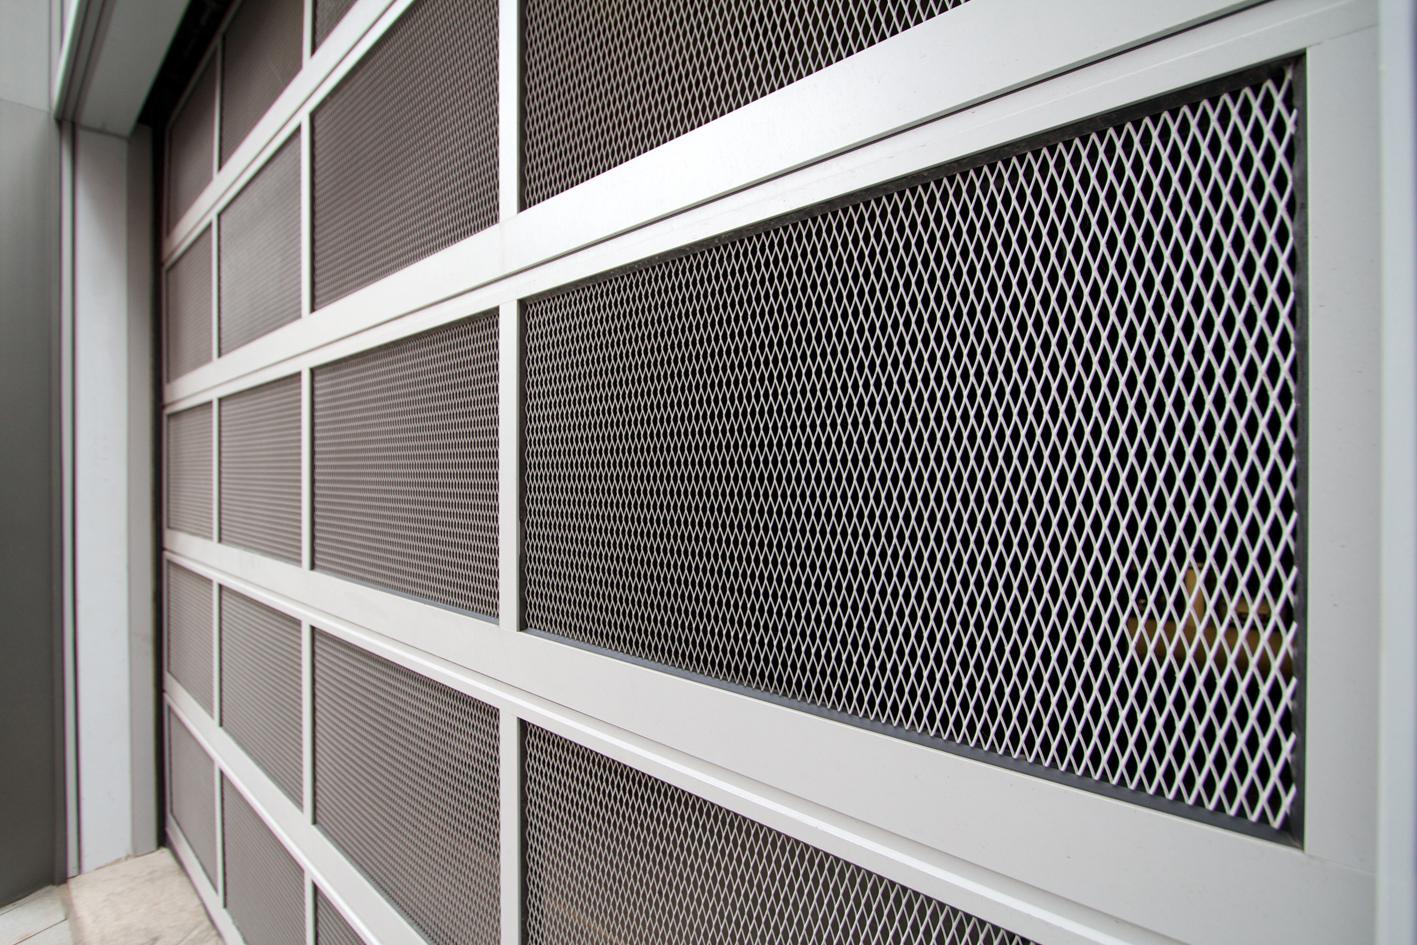 An industrial garage door can be dangerous to untrained workers